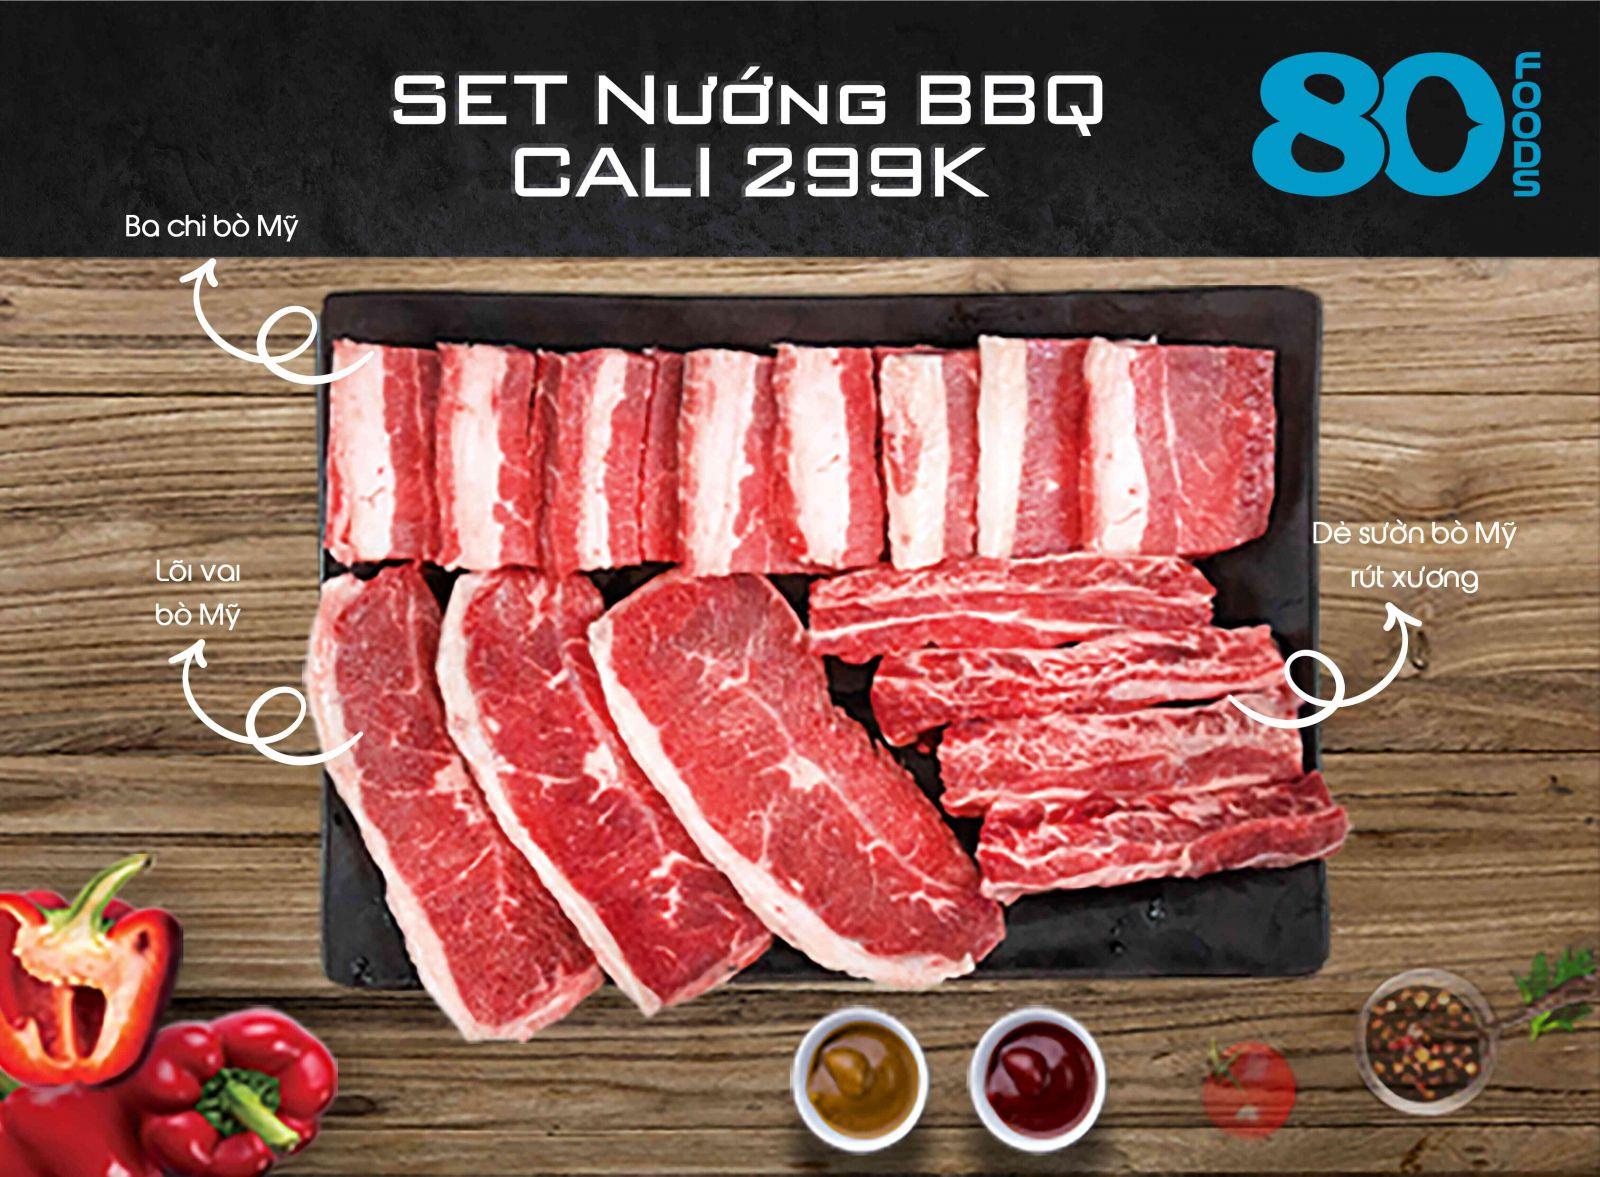 SET NƯỚNG BBQ CALI (750G)